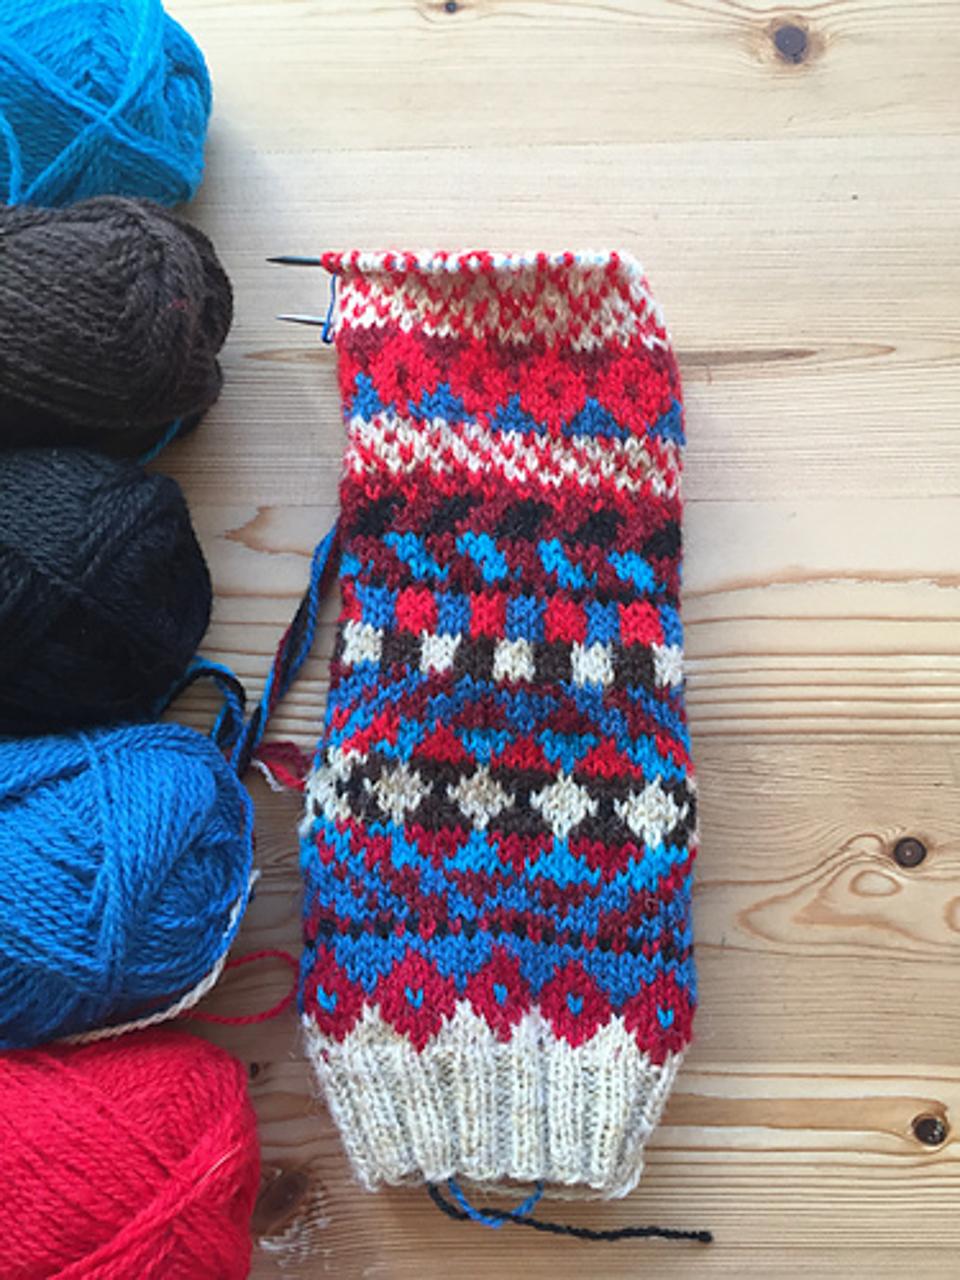 KaliKnit knits mitts!